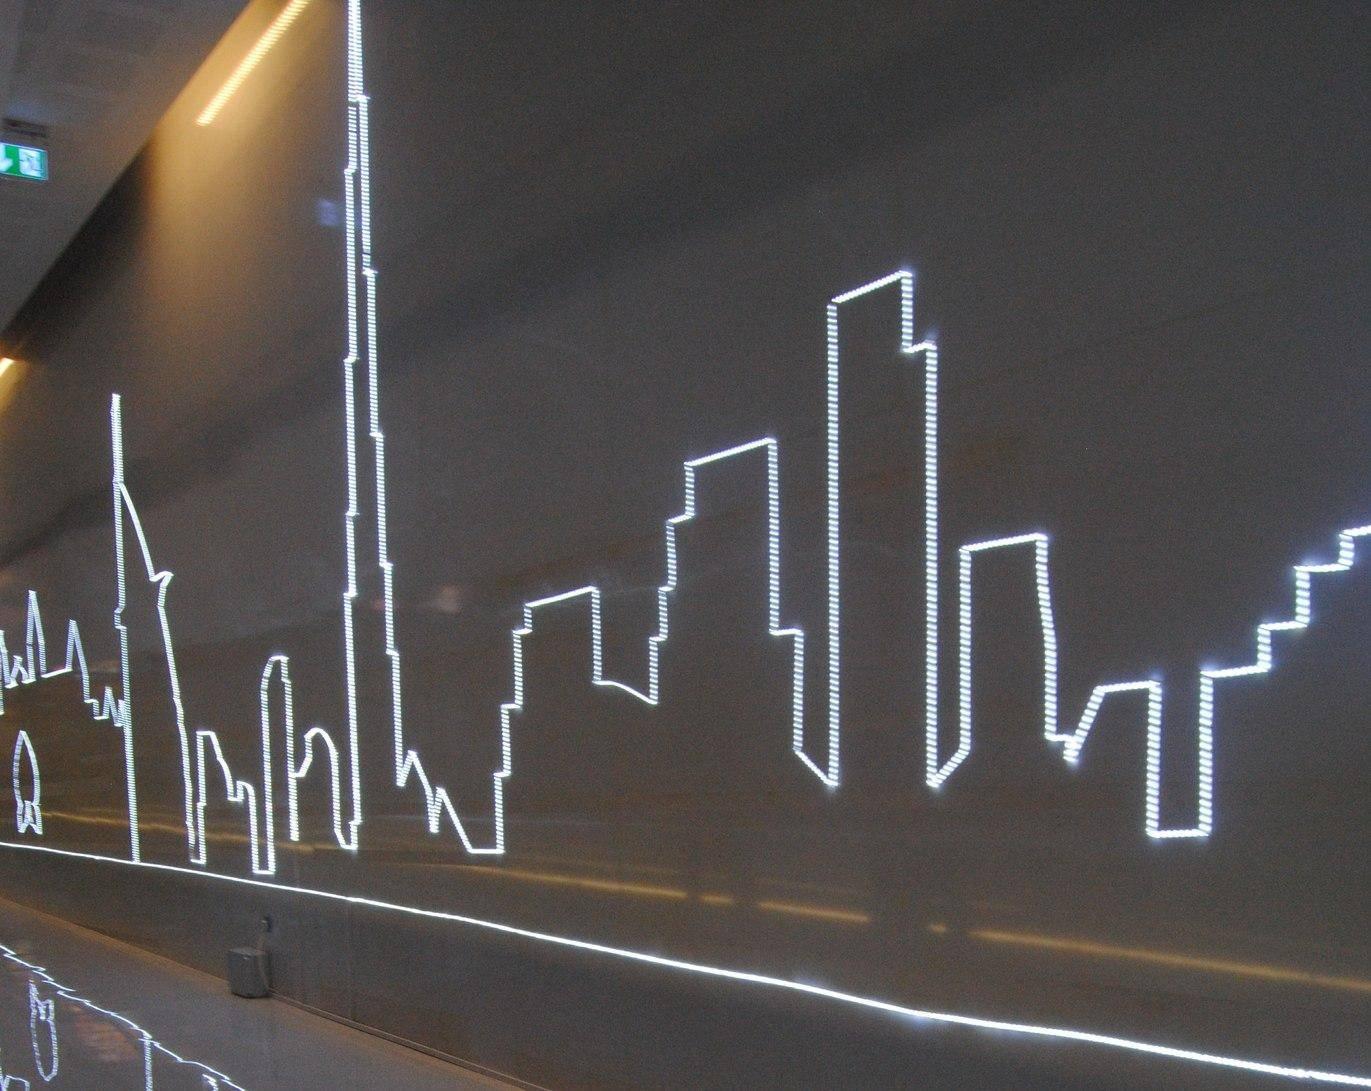 урдж Халифа, Dubai Mall и поющие фонтаны